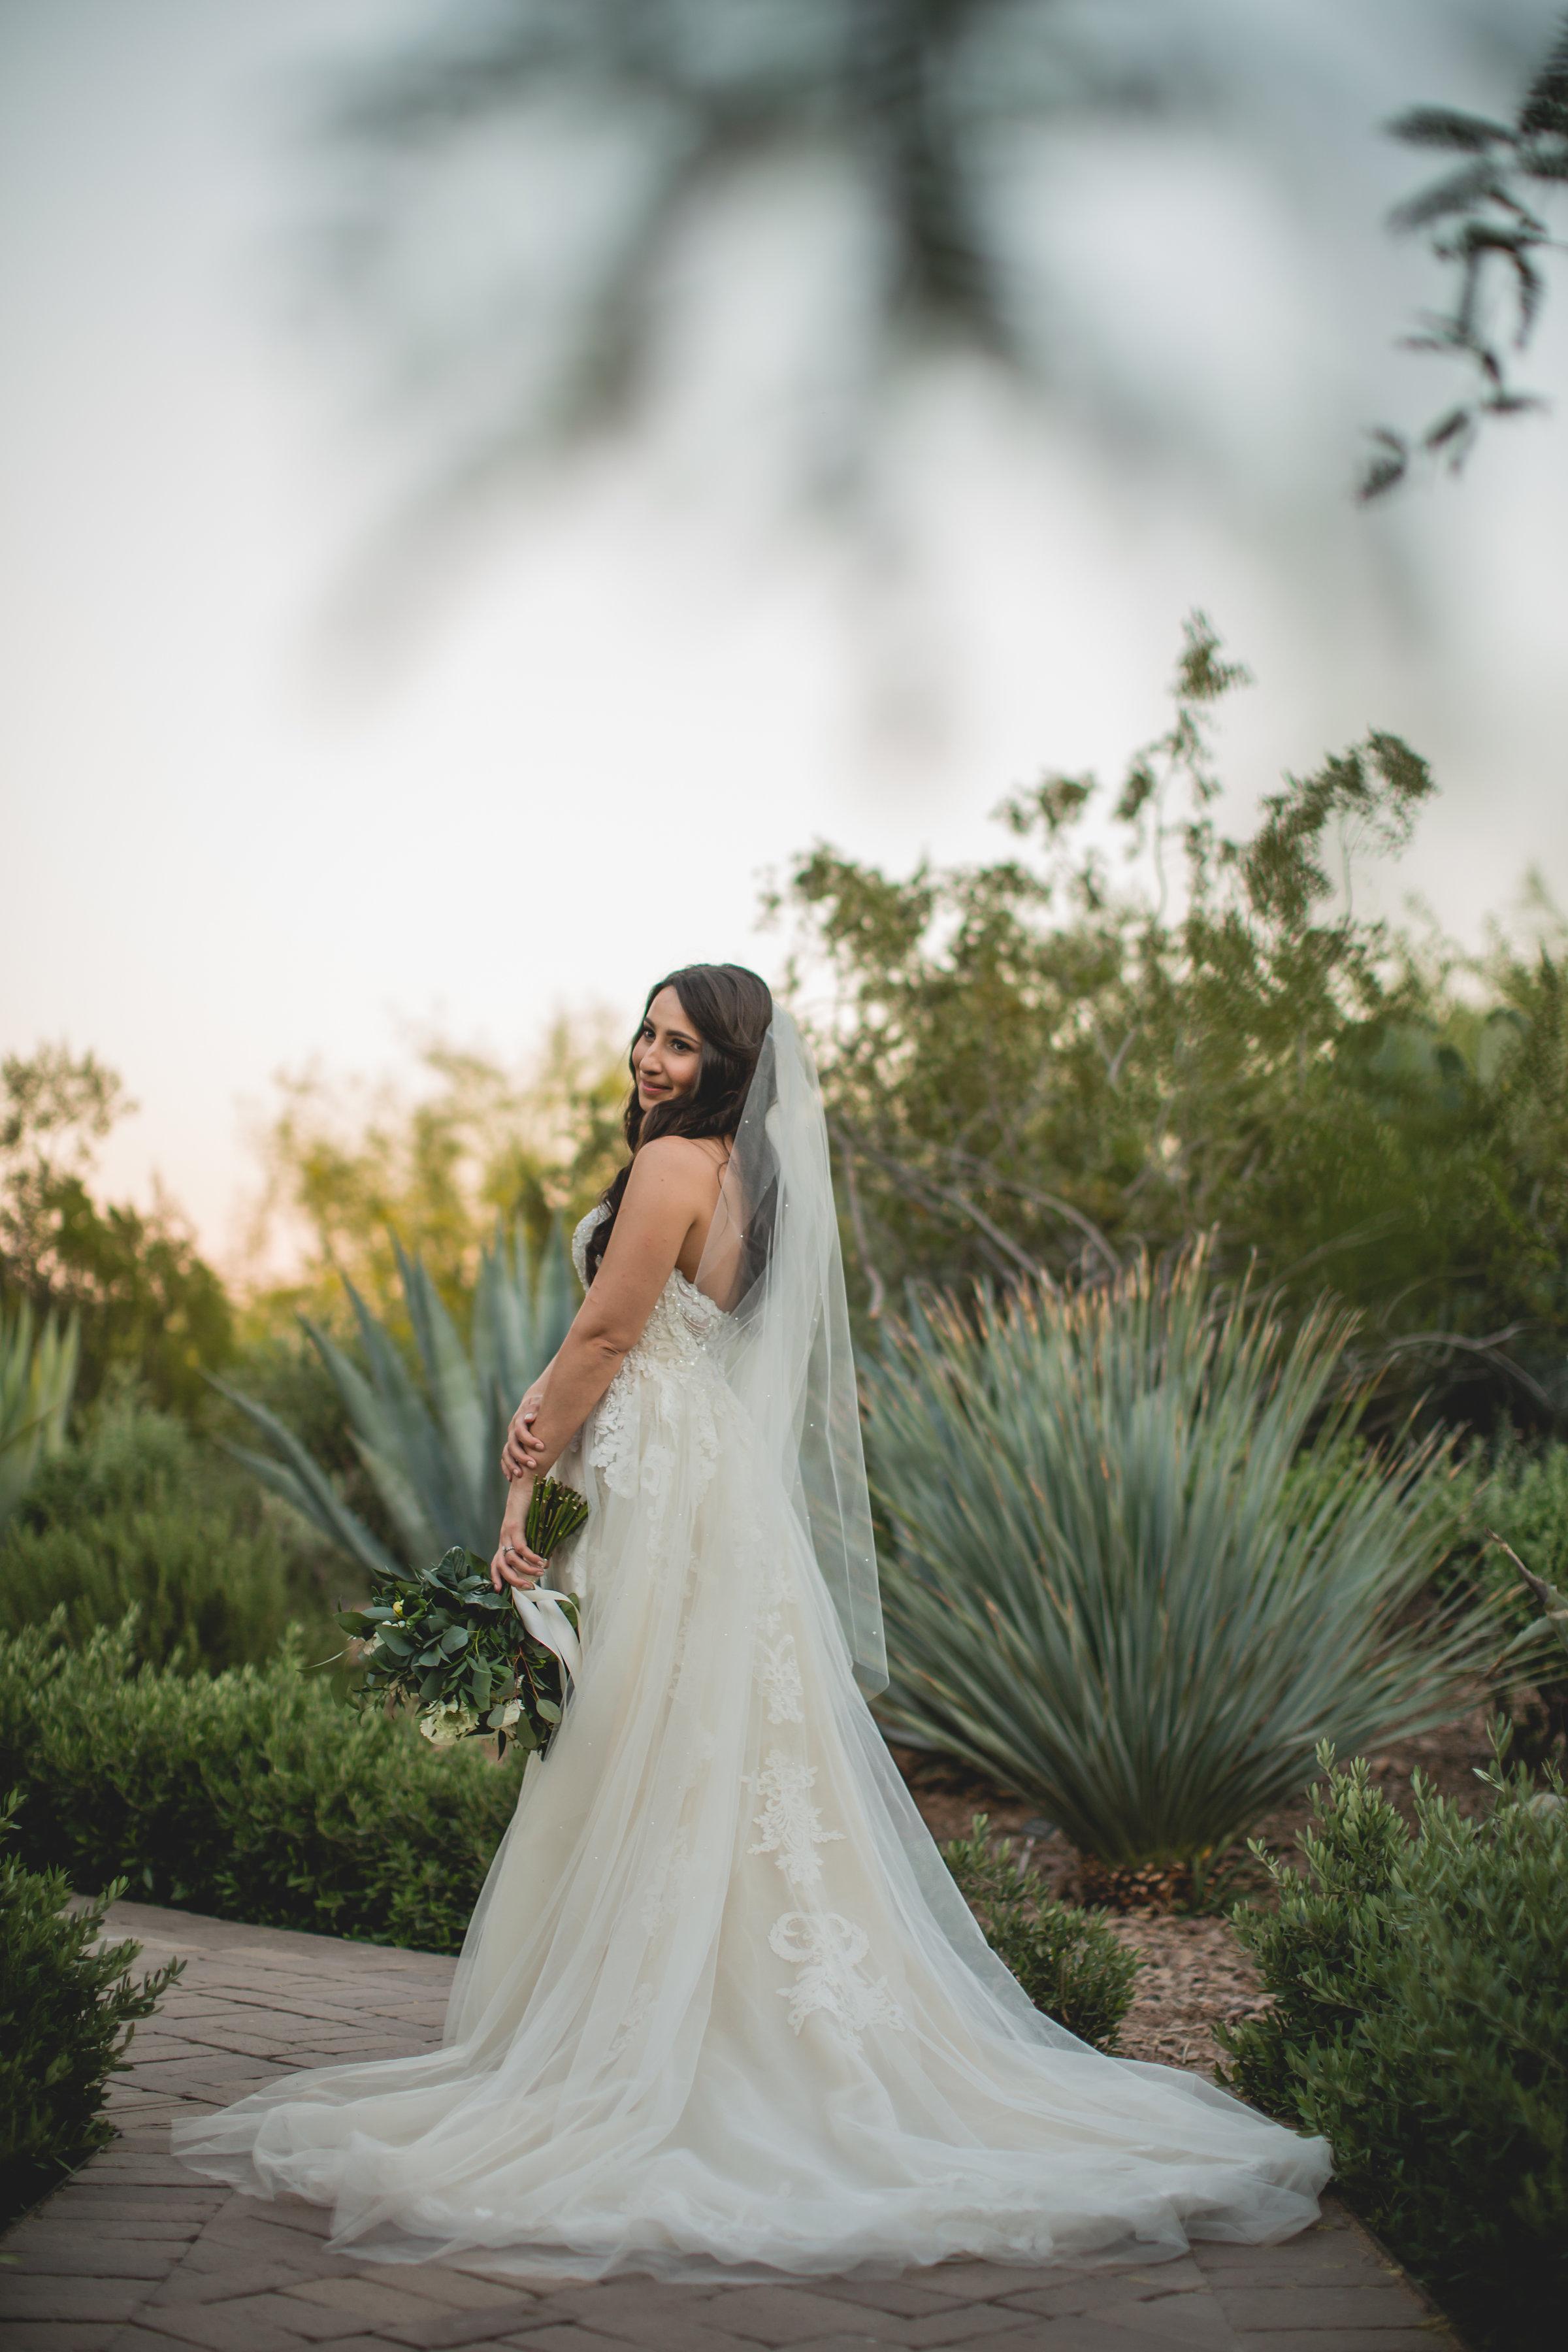 El-Chorro-Wedding-Photography-310.jpg